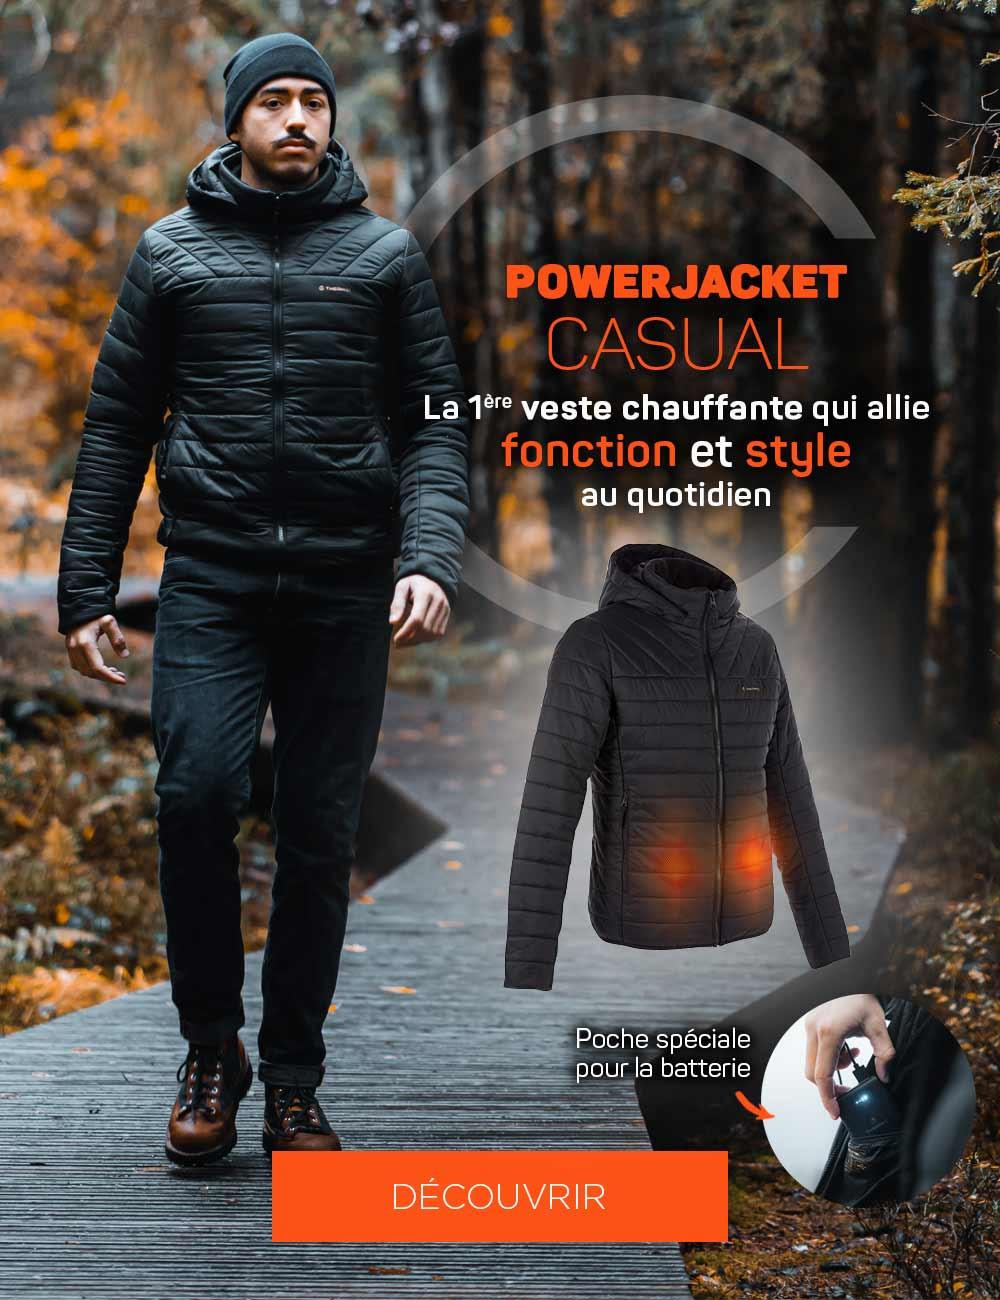 Découvrez la 1ère veste chauffante alliant style et confort !